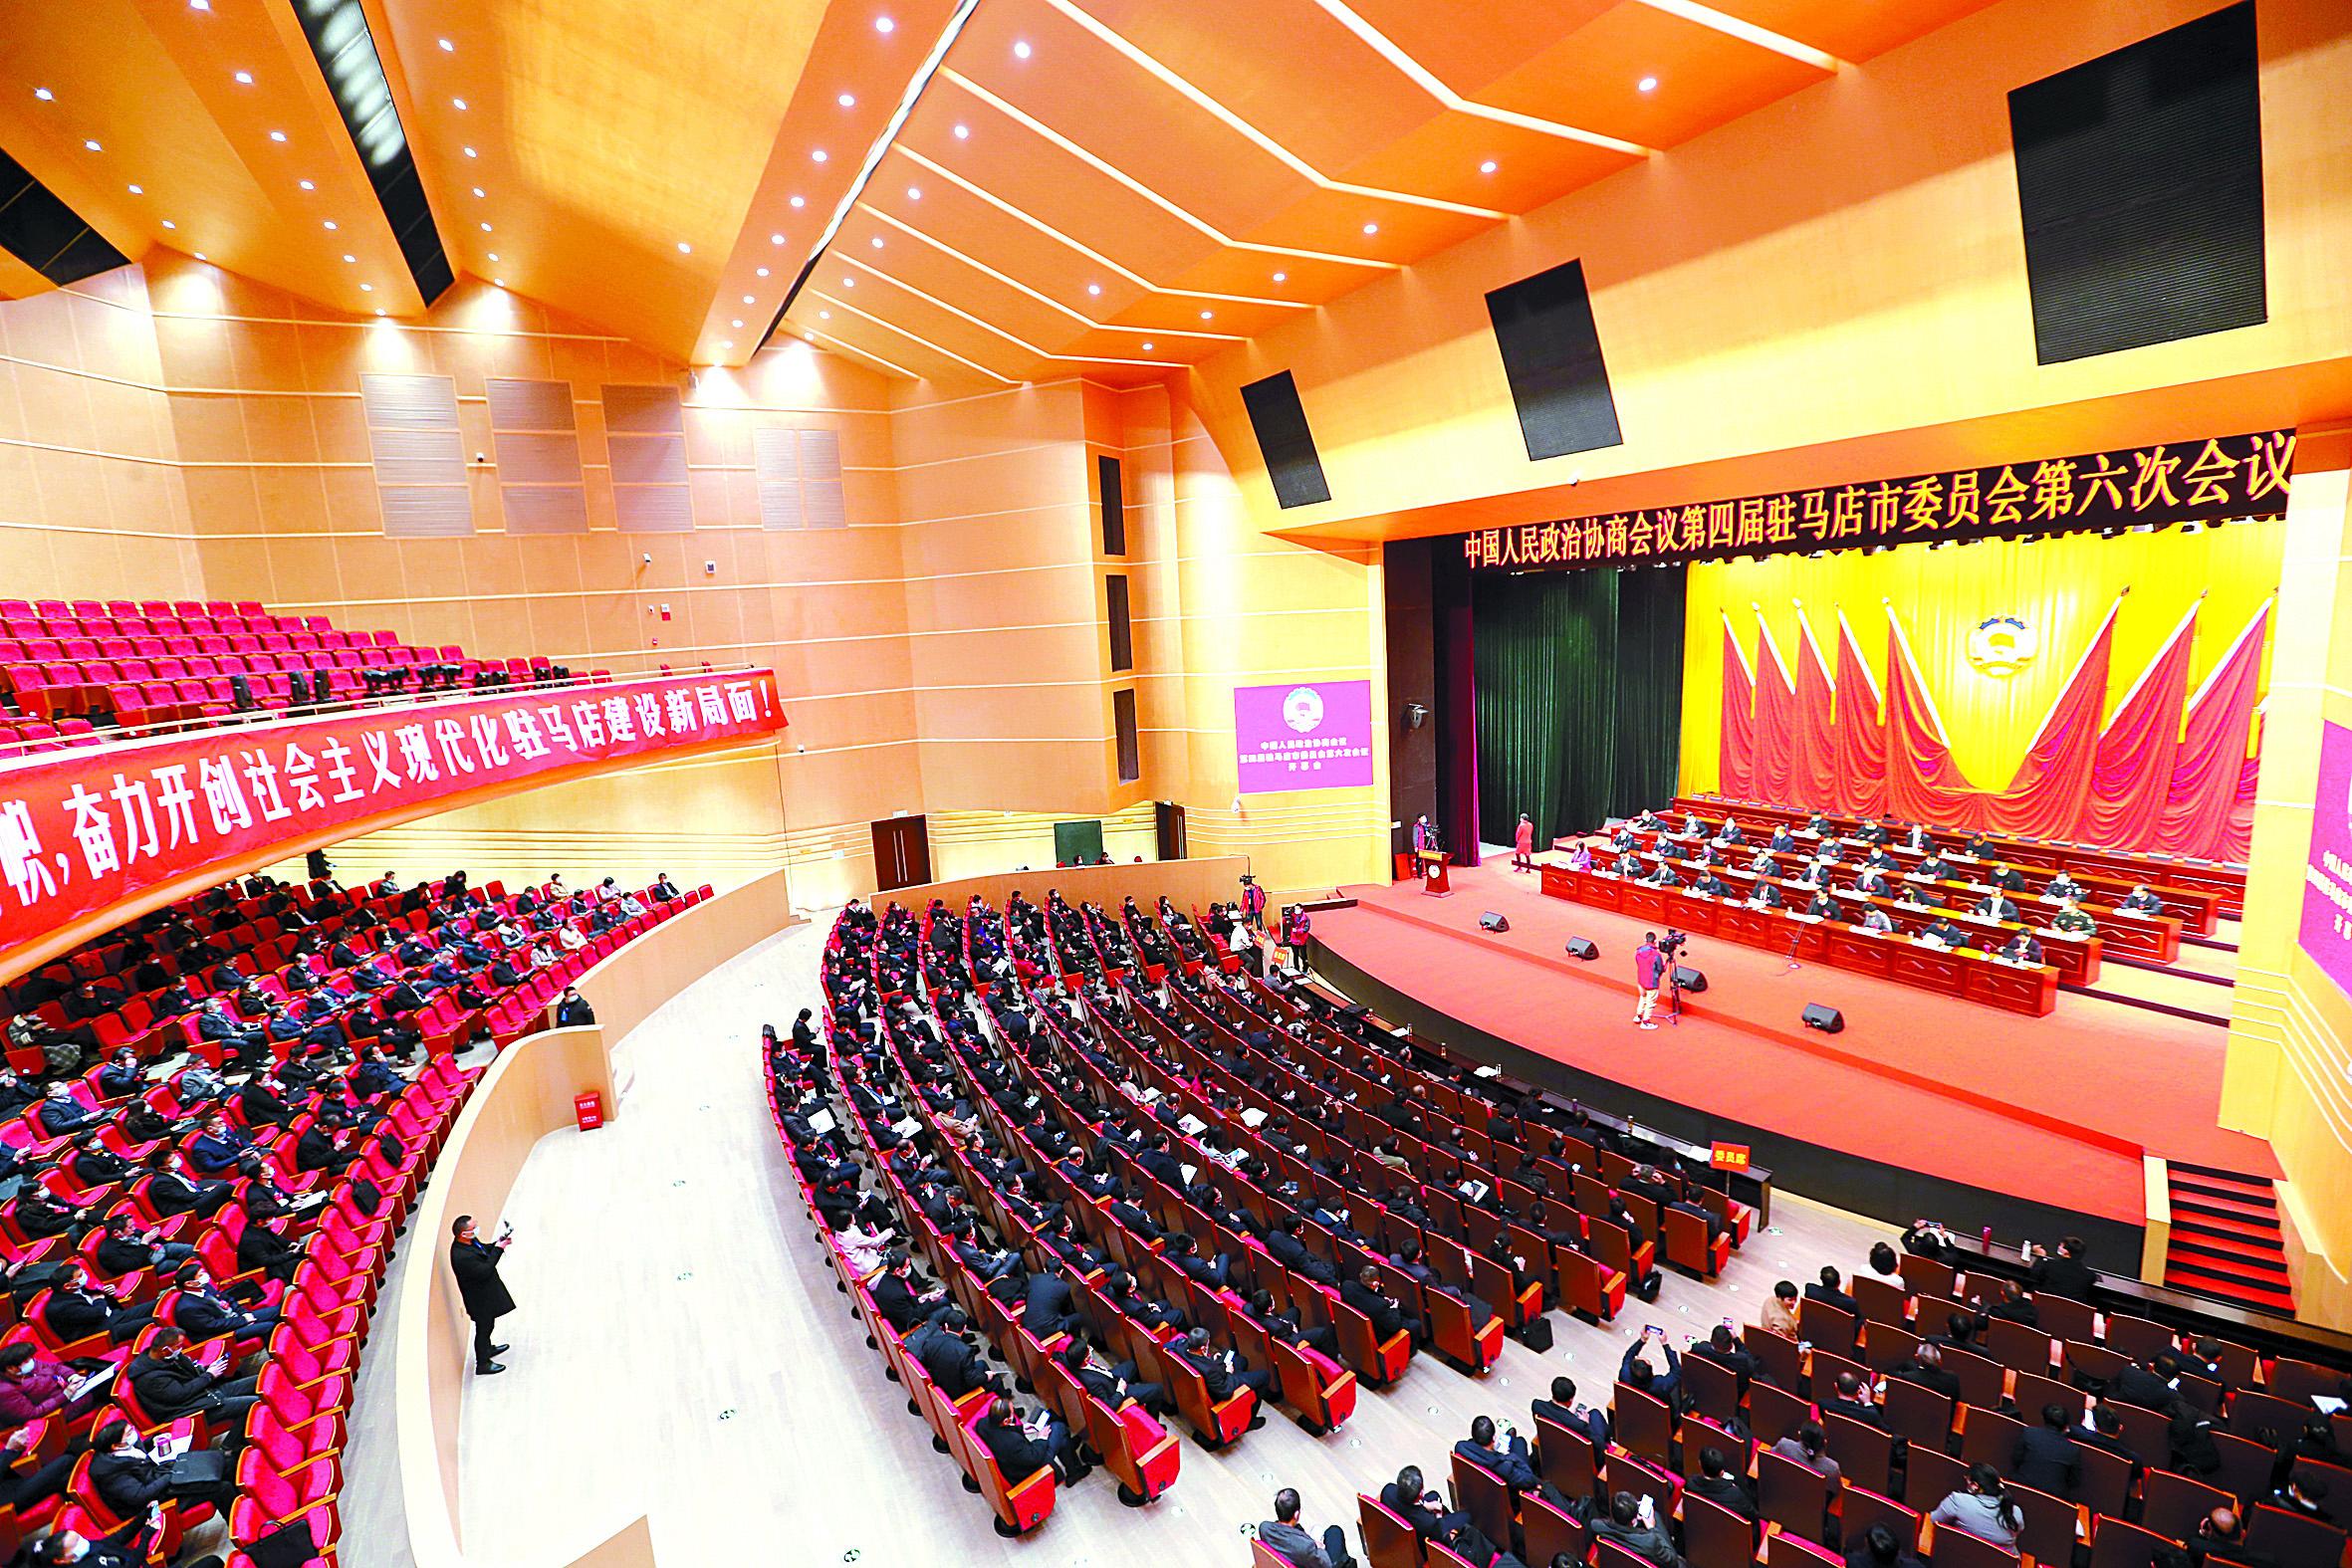 政协第四届驻马店市委员会第六次会议隆重开幕